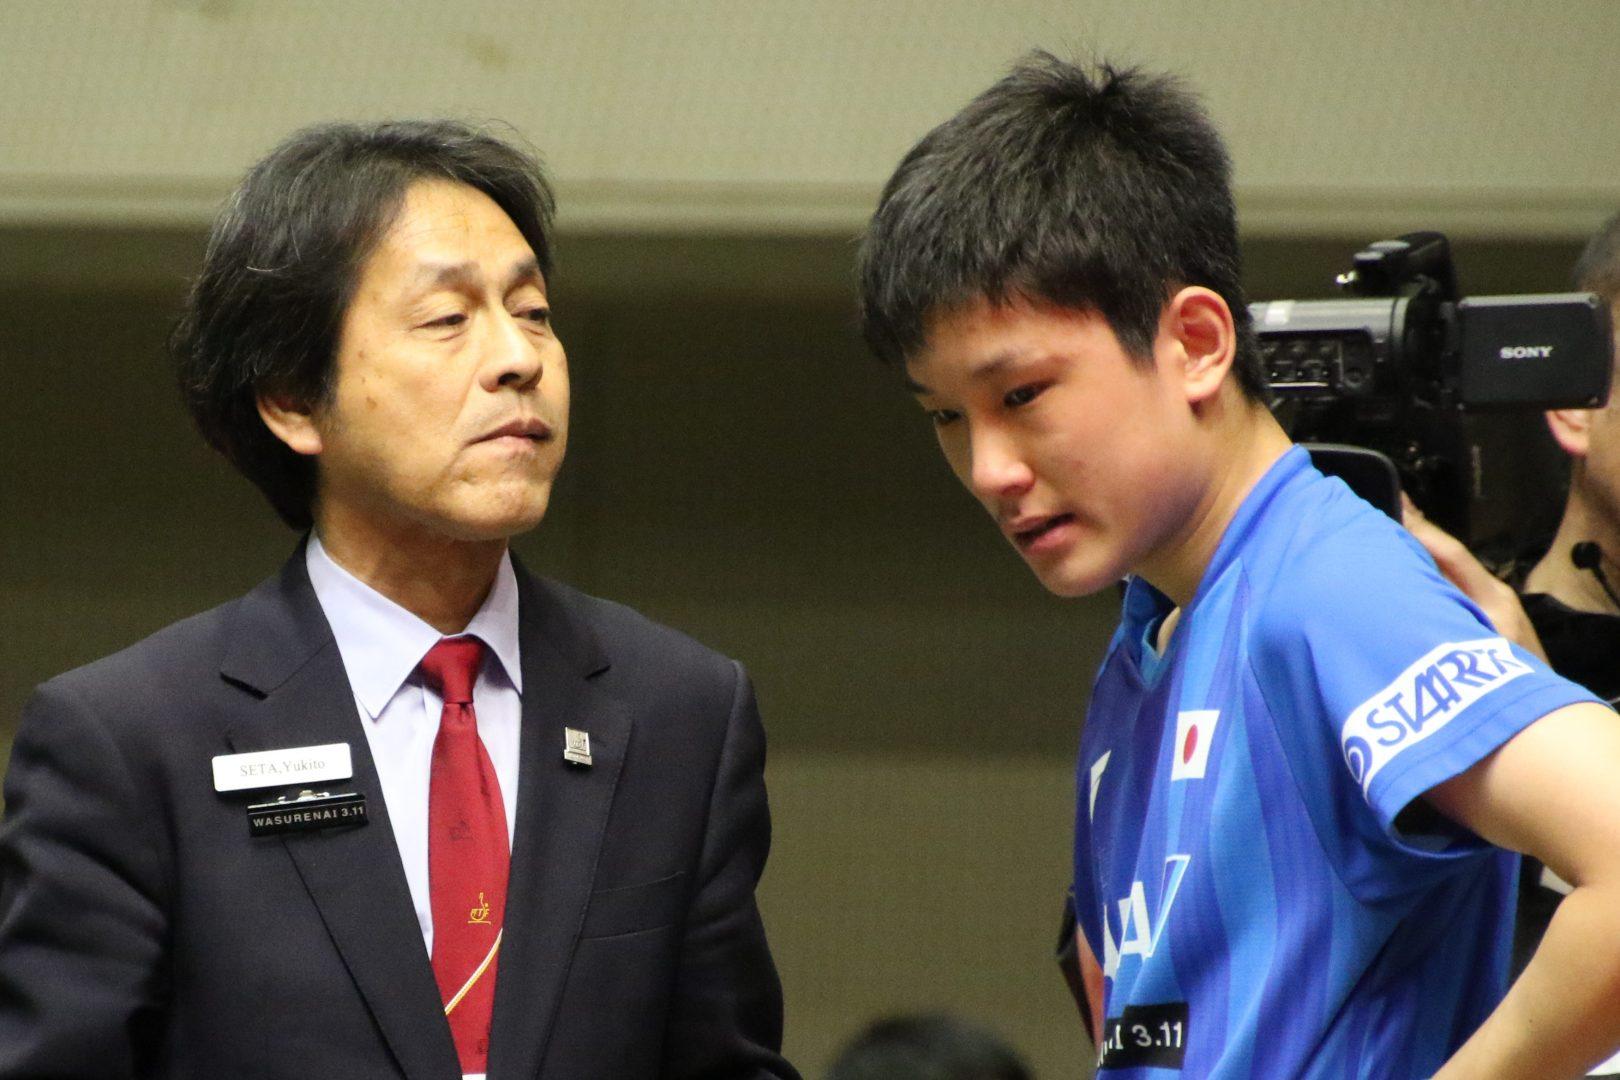 【卓球】張本智和、右手薬指にけが アジア杯で途中中断も